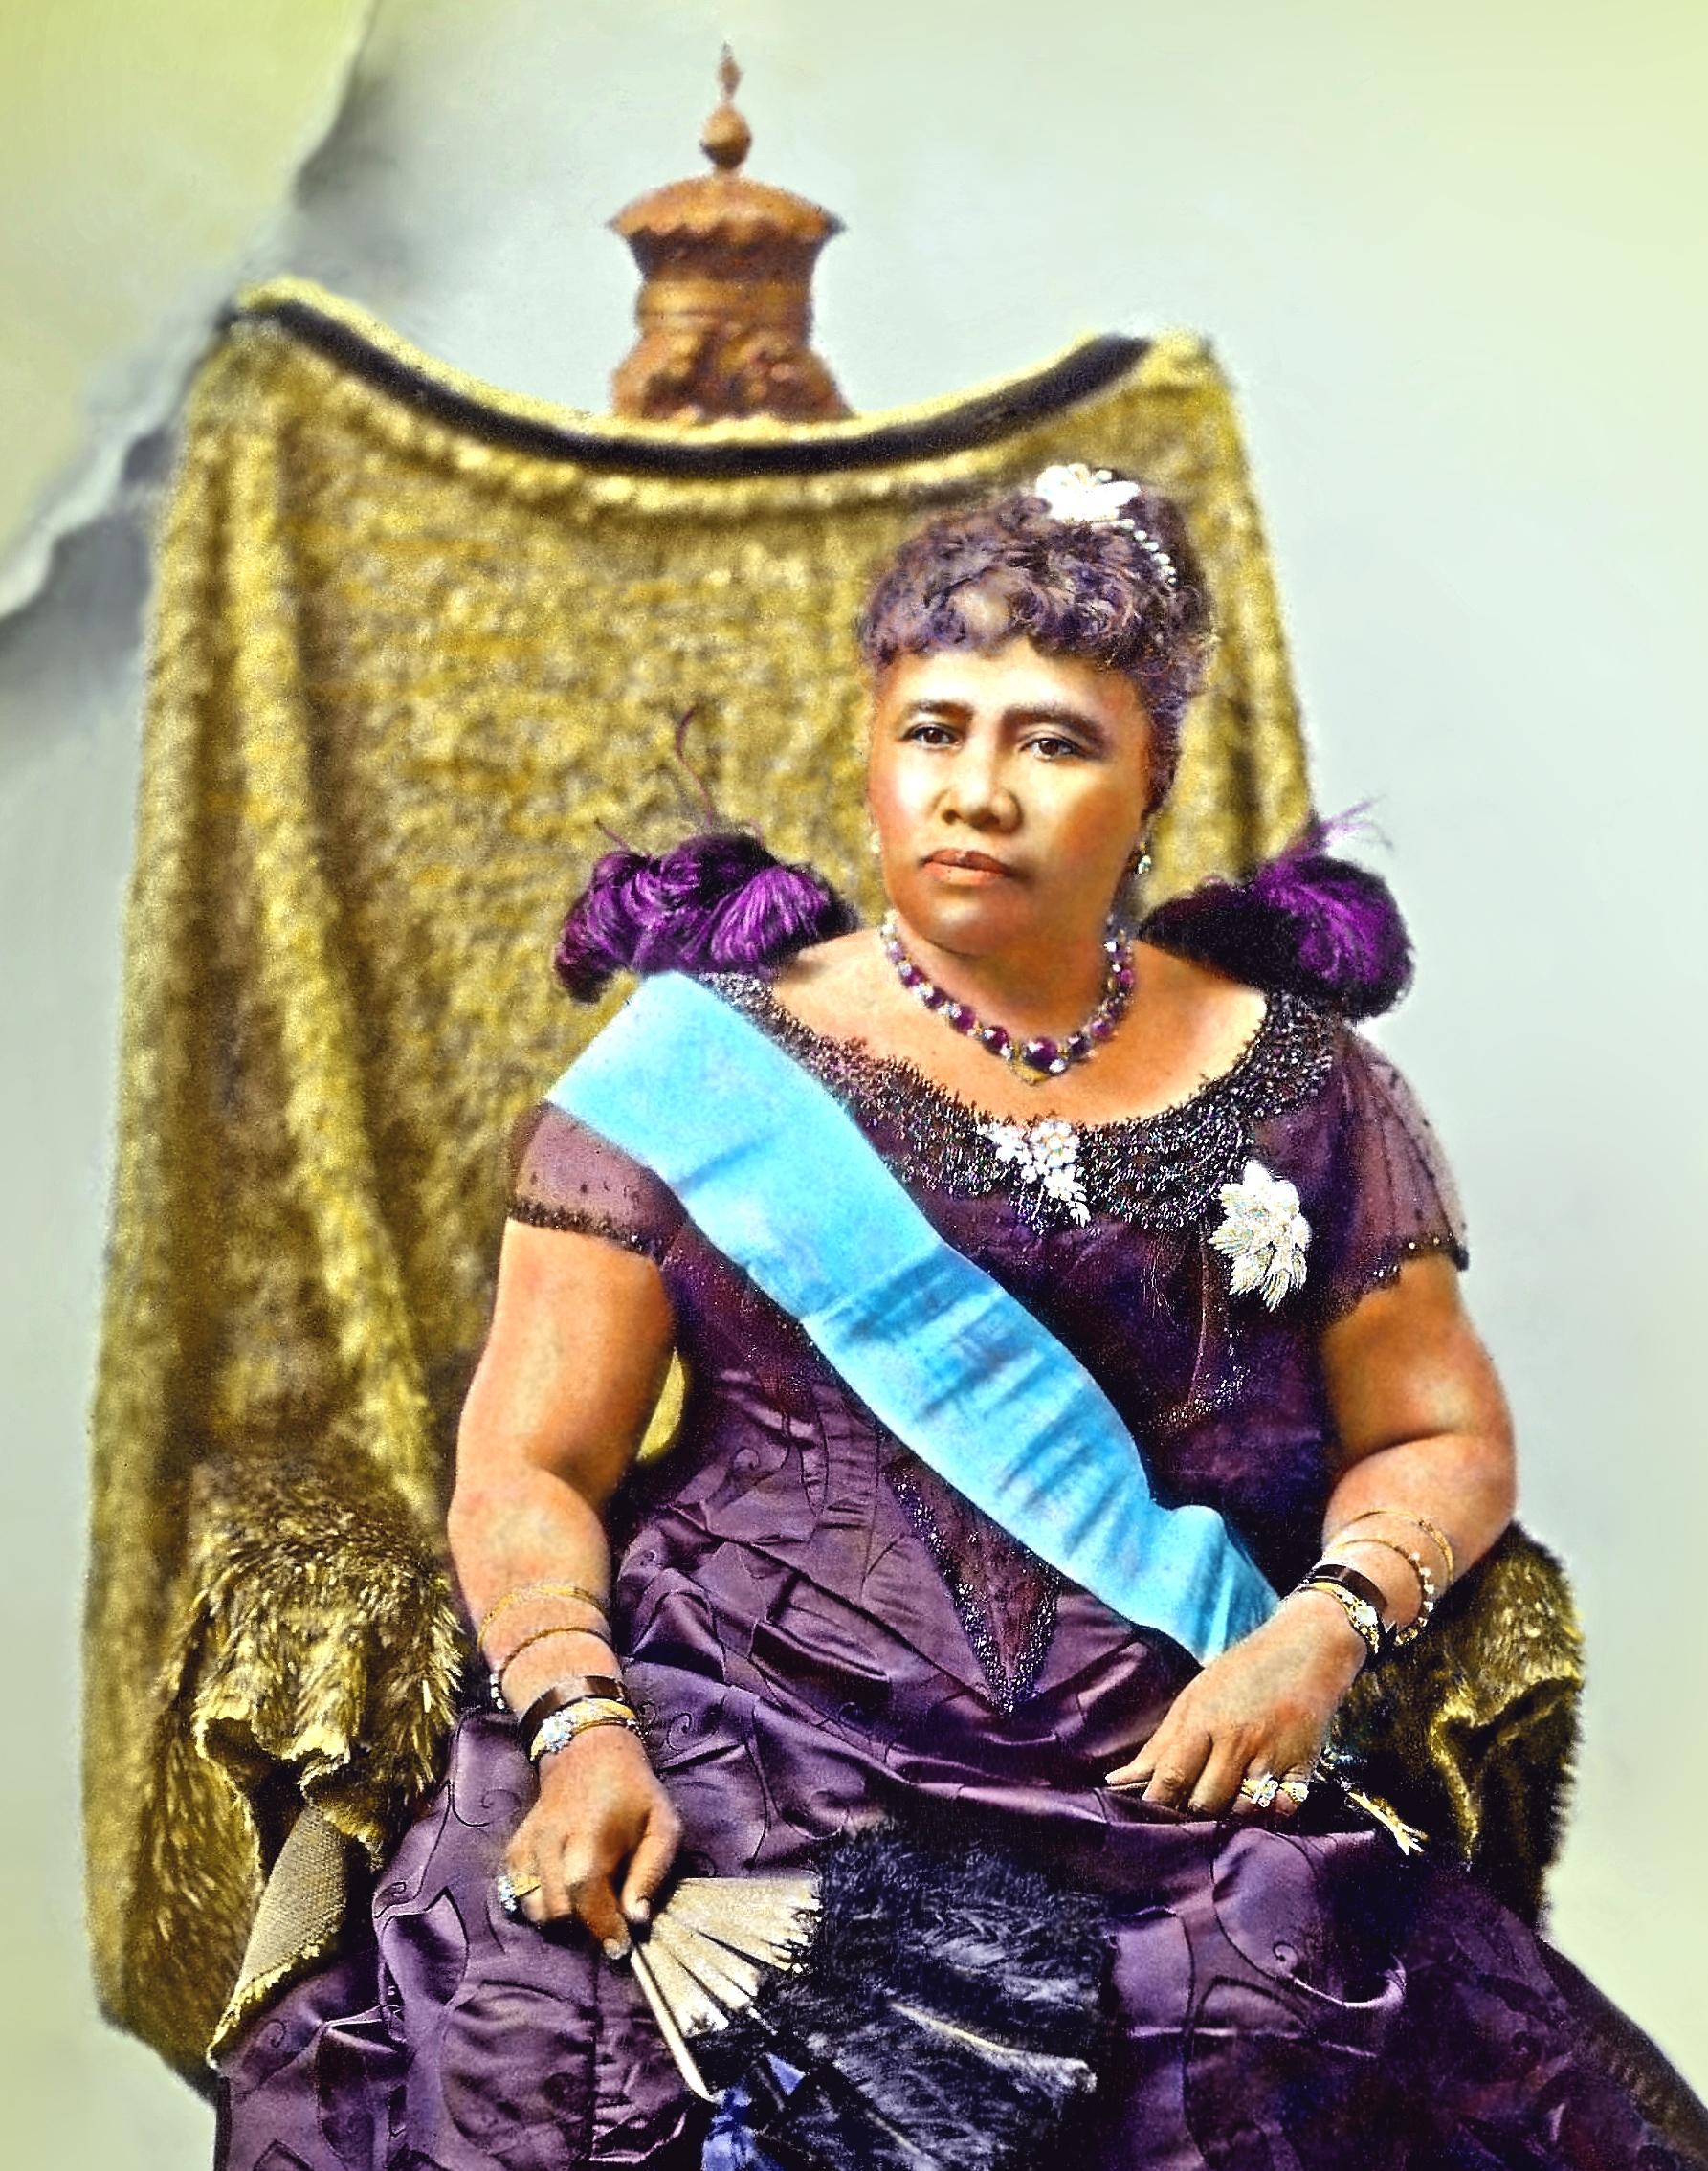 Liliuokalani-queen_color_close_up_2_copy.jpg